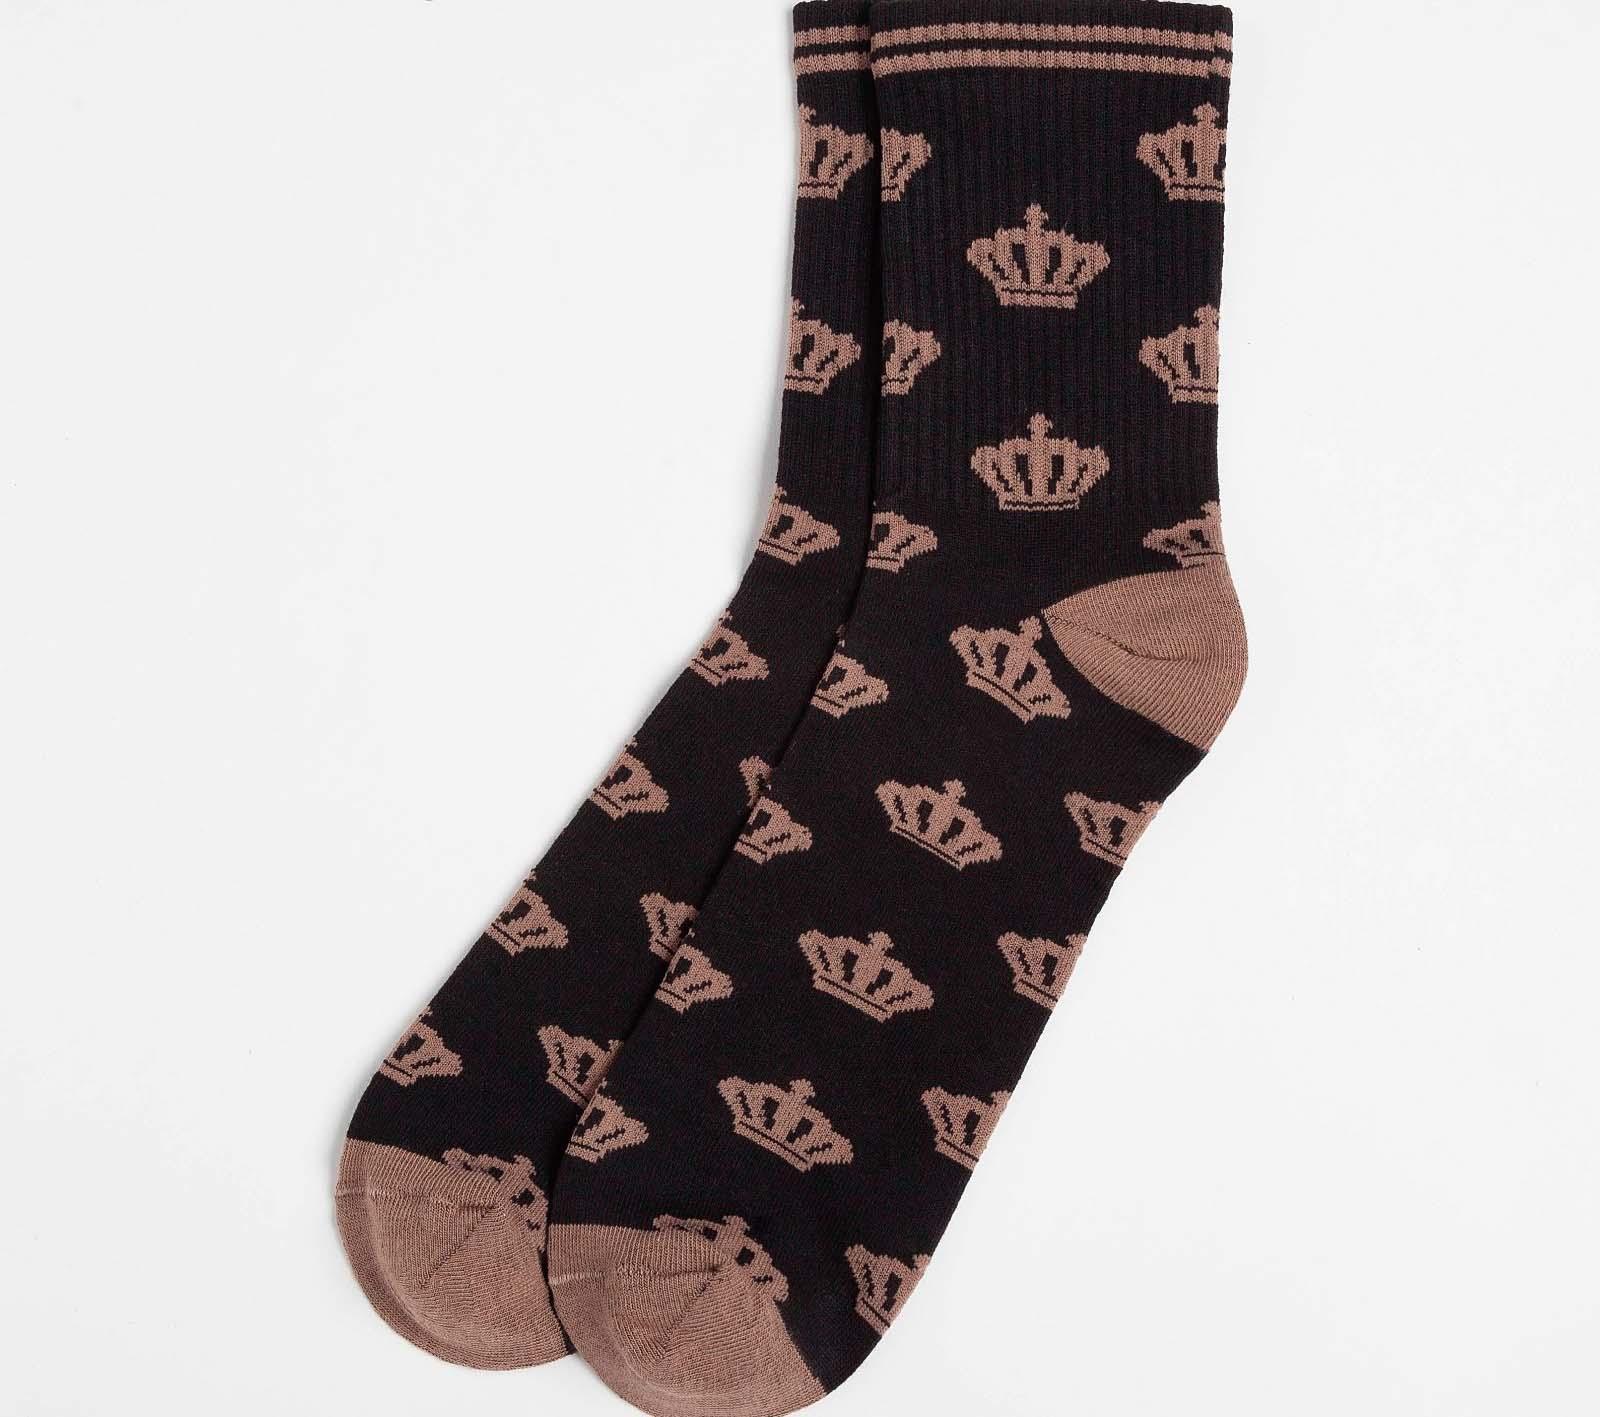 Носки мужские Короны цвет: черный (41-44)